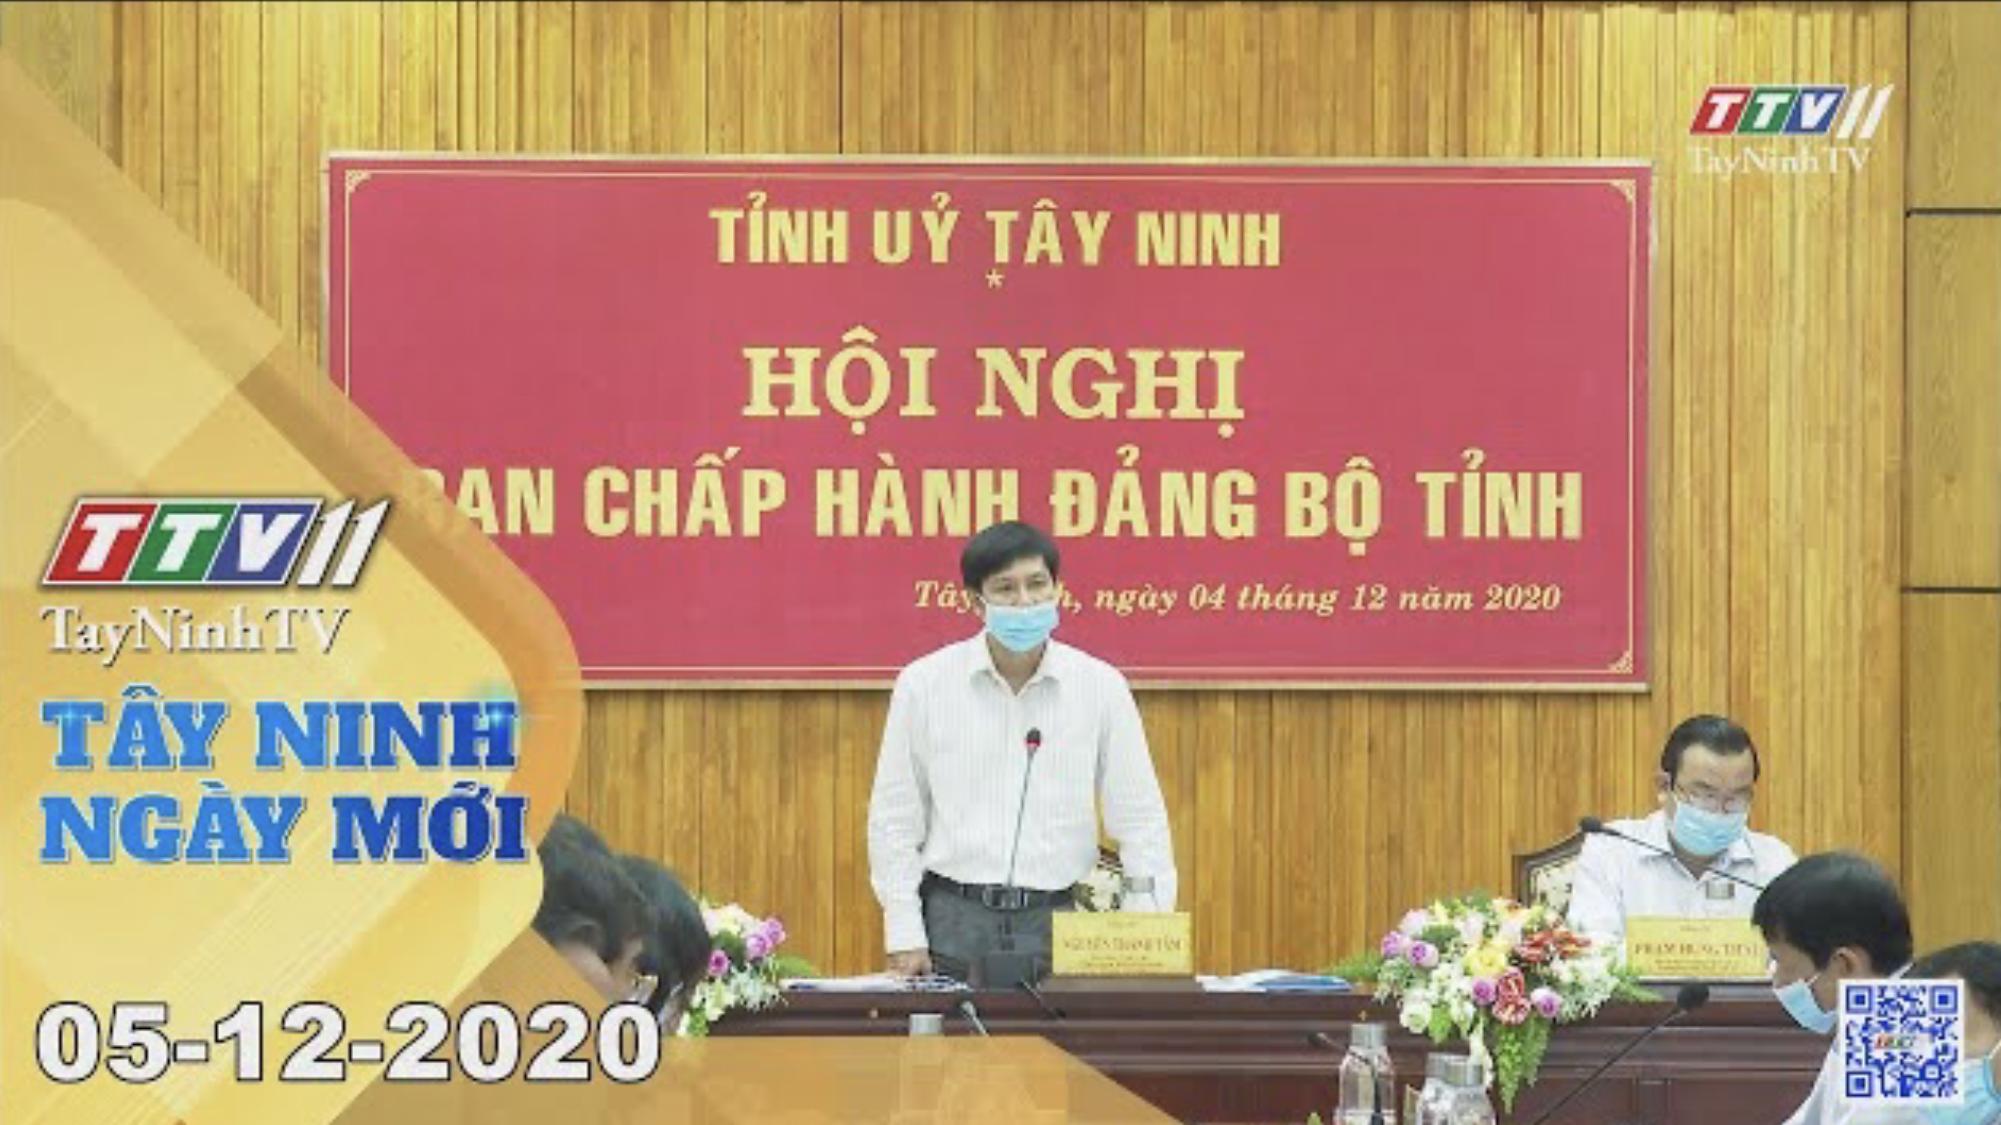 Tây Ninh Ngày Mới 05-12-2020 | Tin tức hôm nay | TayNinhTV